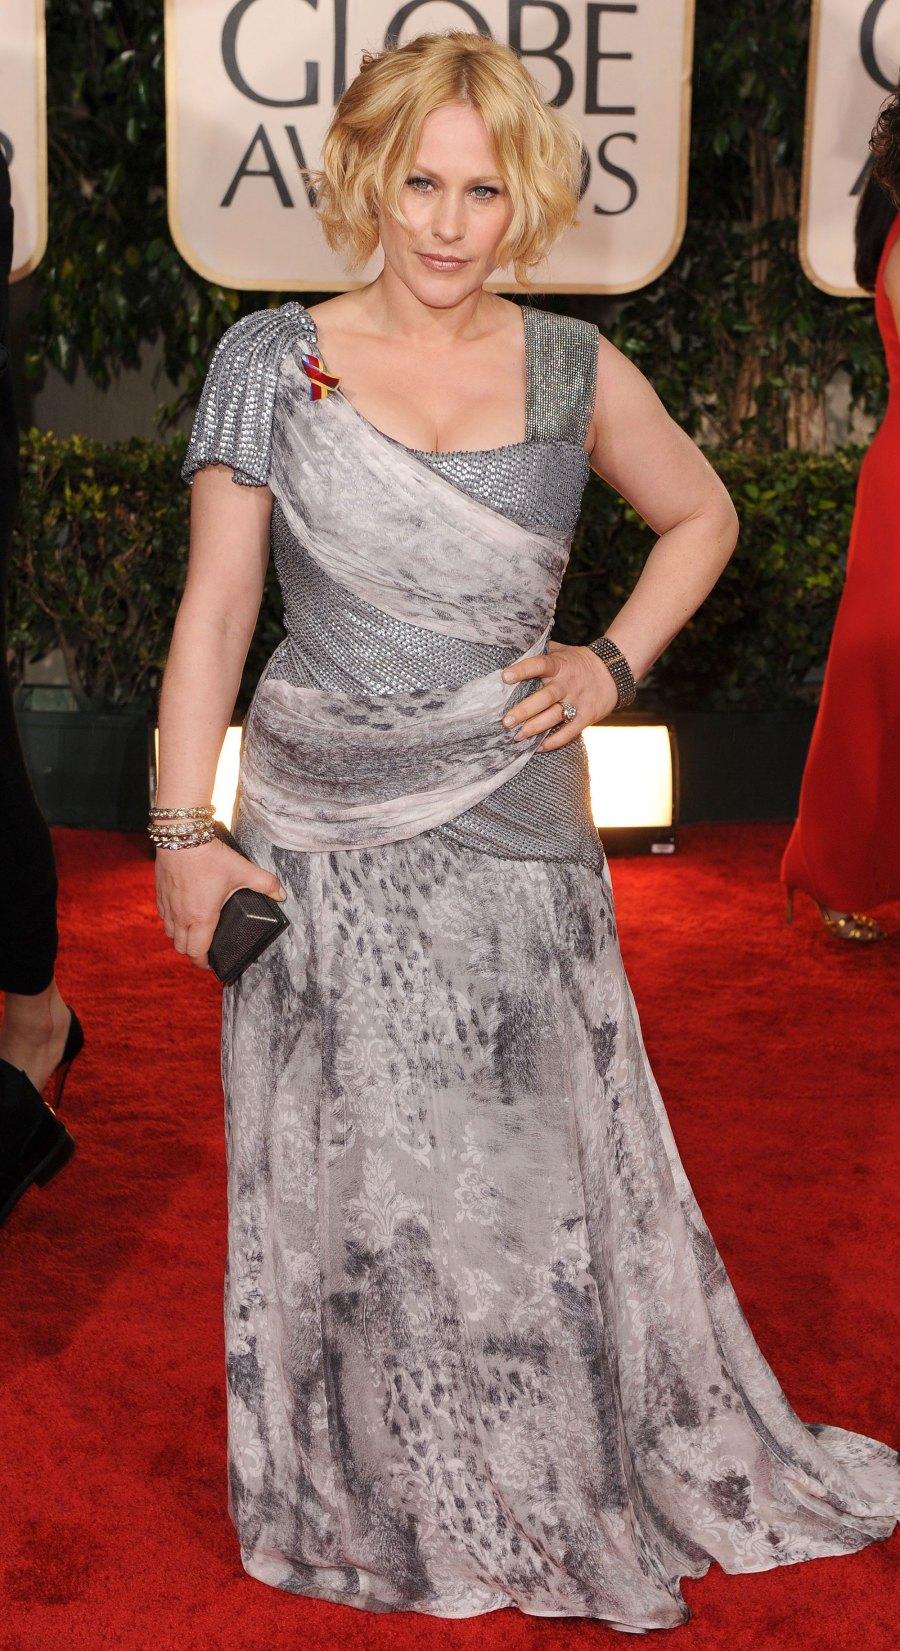 Patricia Arquette's Golden Globe Awards Looks - 2010